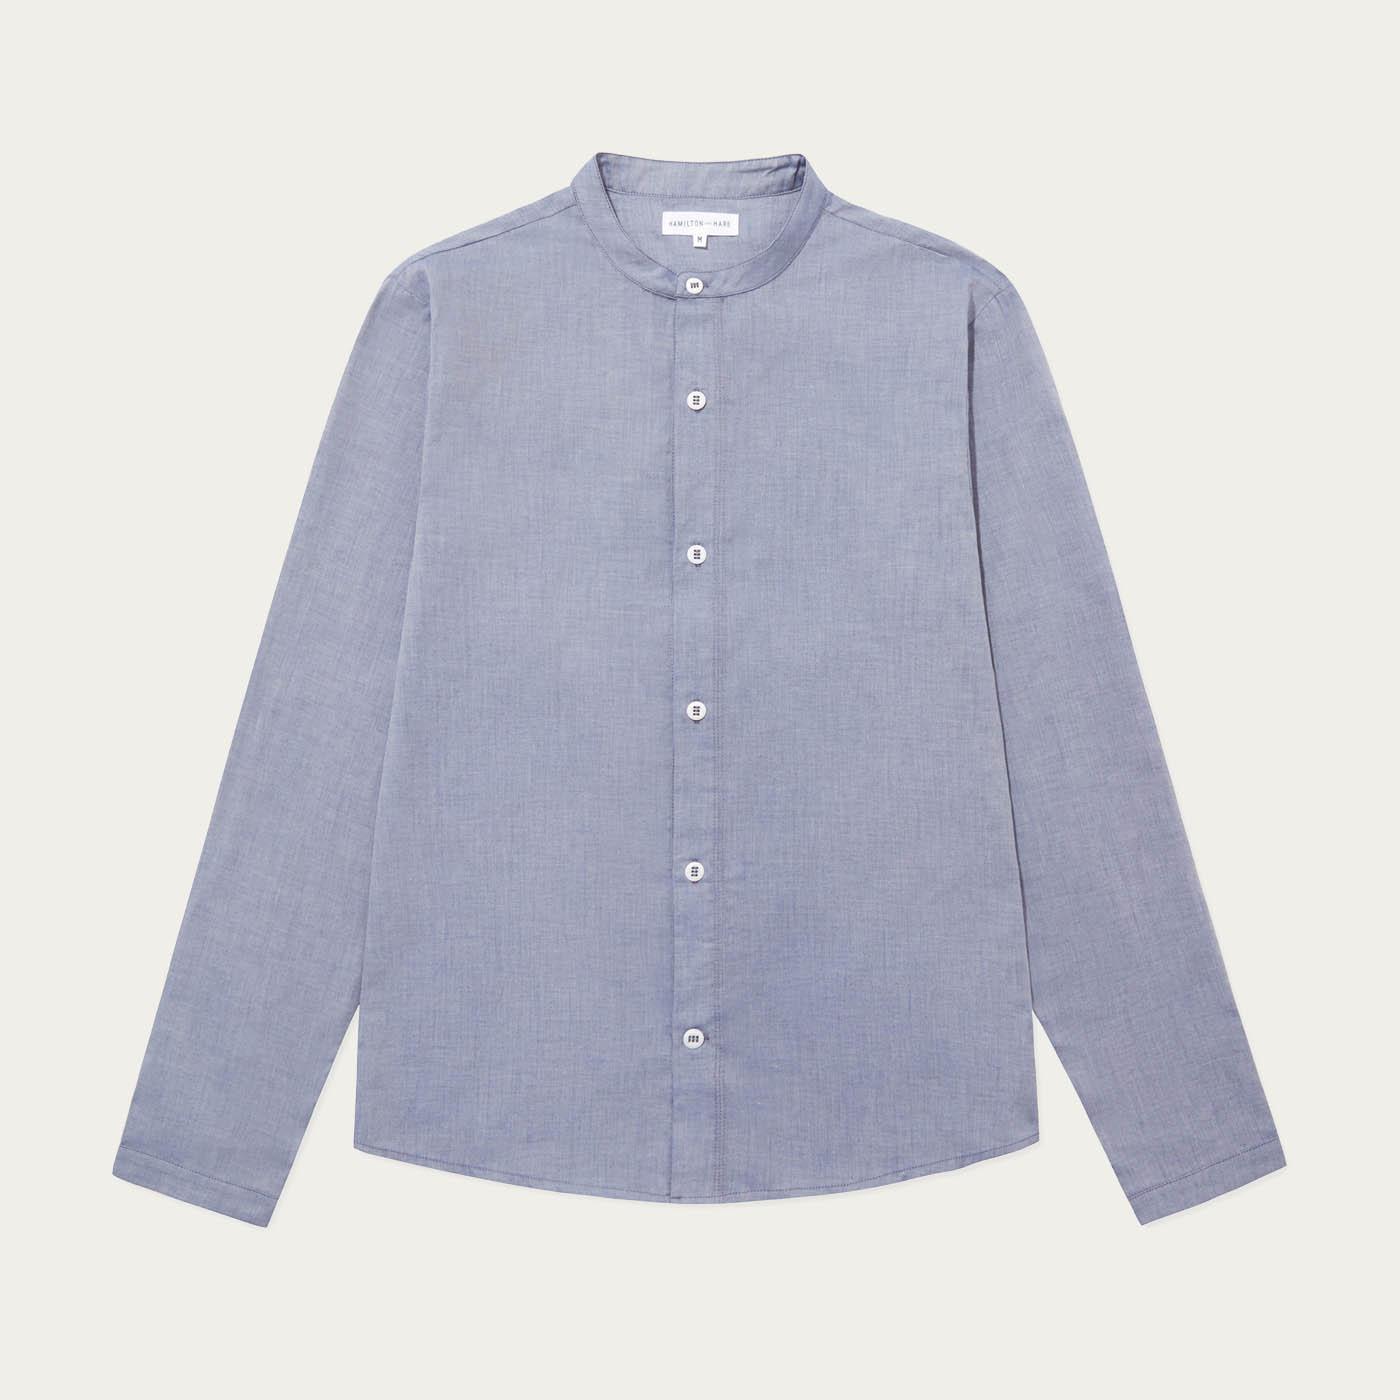 Chambray Blue Cotton Striped Shirt  | Bombinate